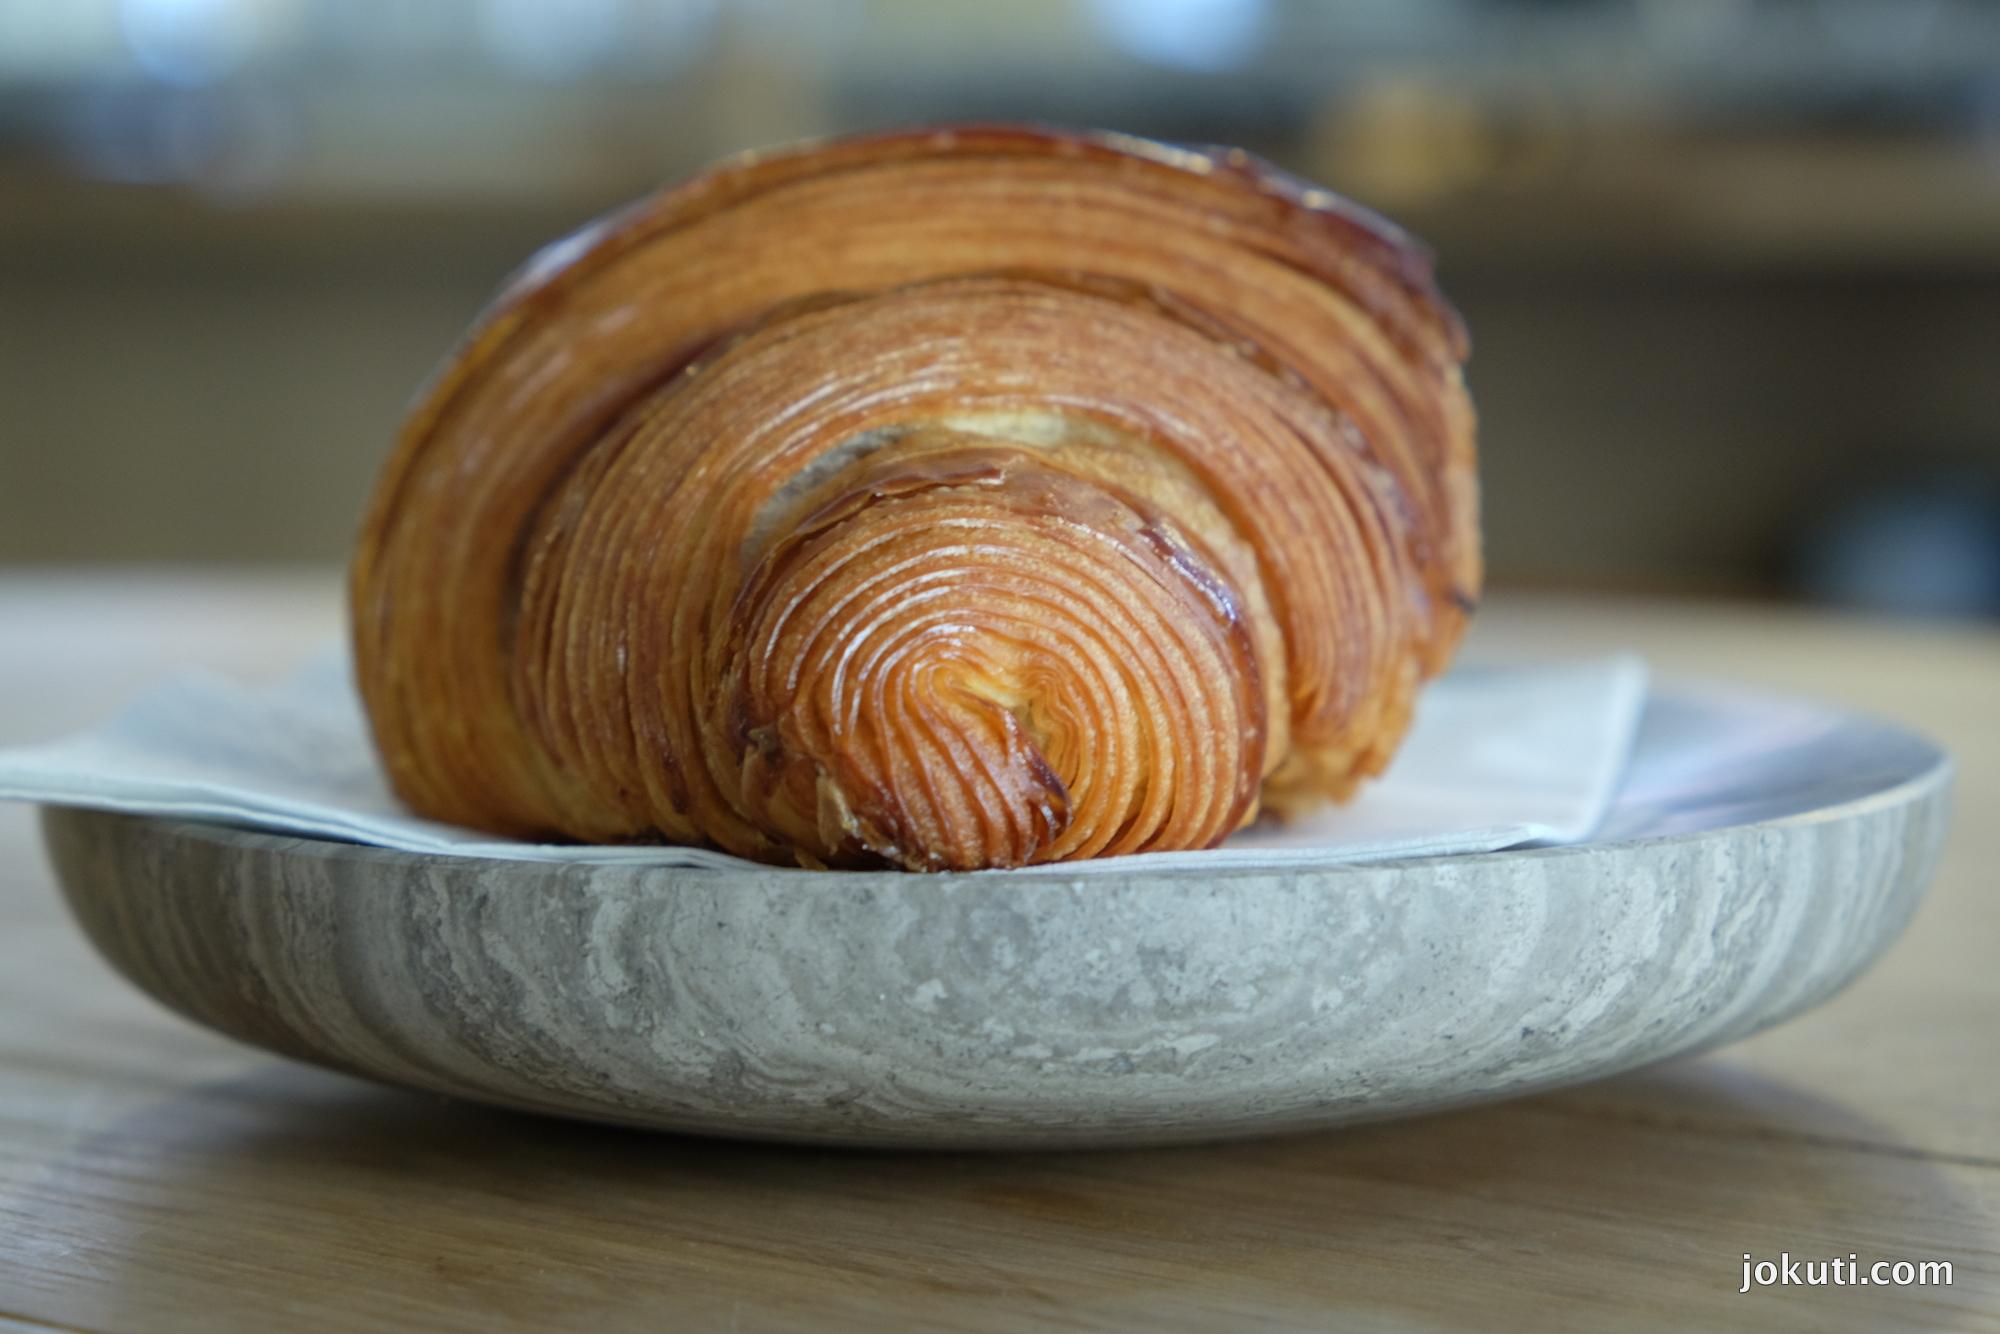 dscf5337_bakery_kenyer_bread_boulangerie_croissant_copenhagen_jokuti.jpg